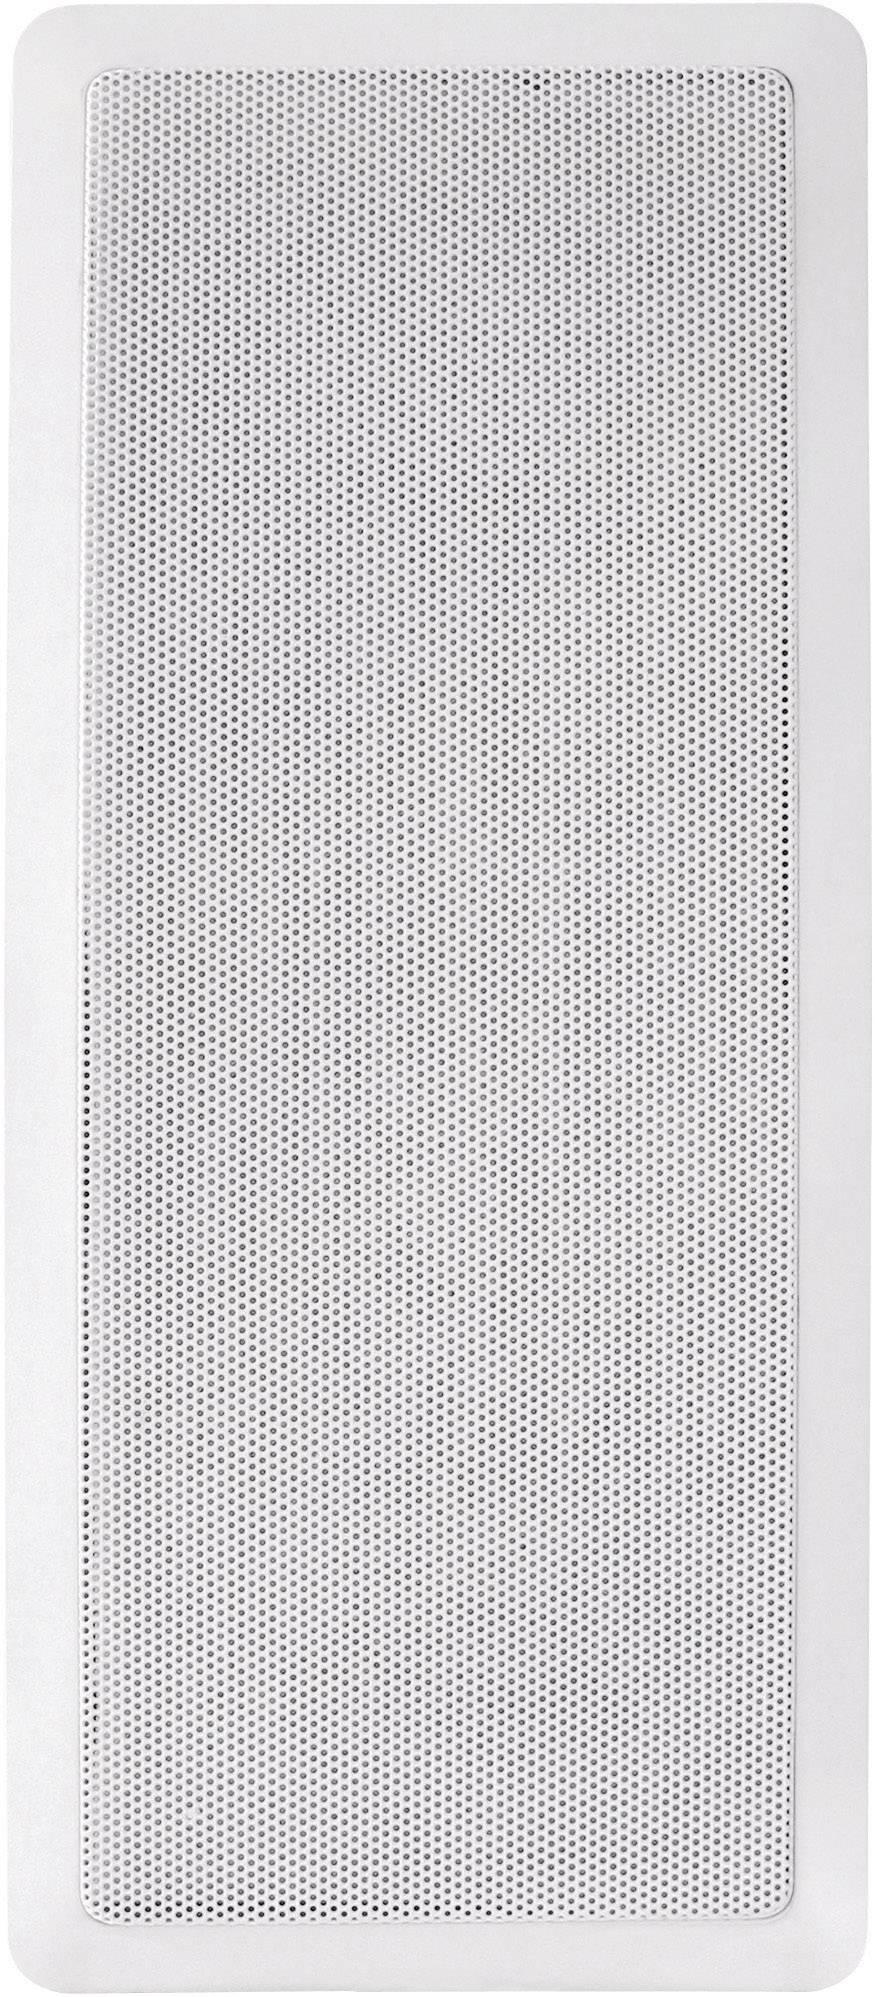 Zabudovateľný reproduktor SS-616, 150 W, biela, 1 ks